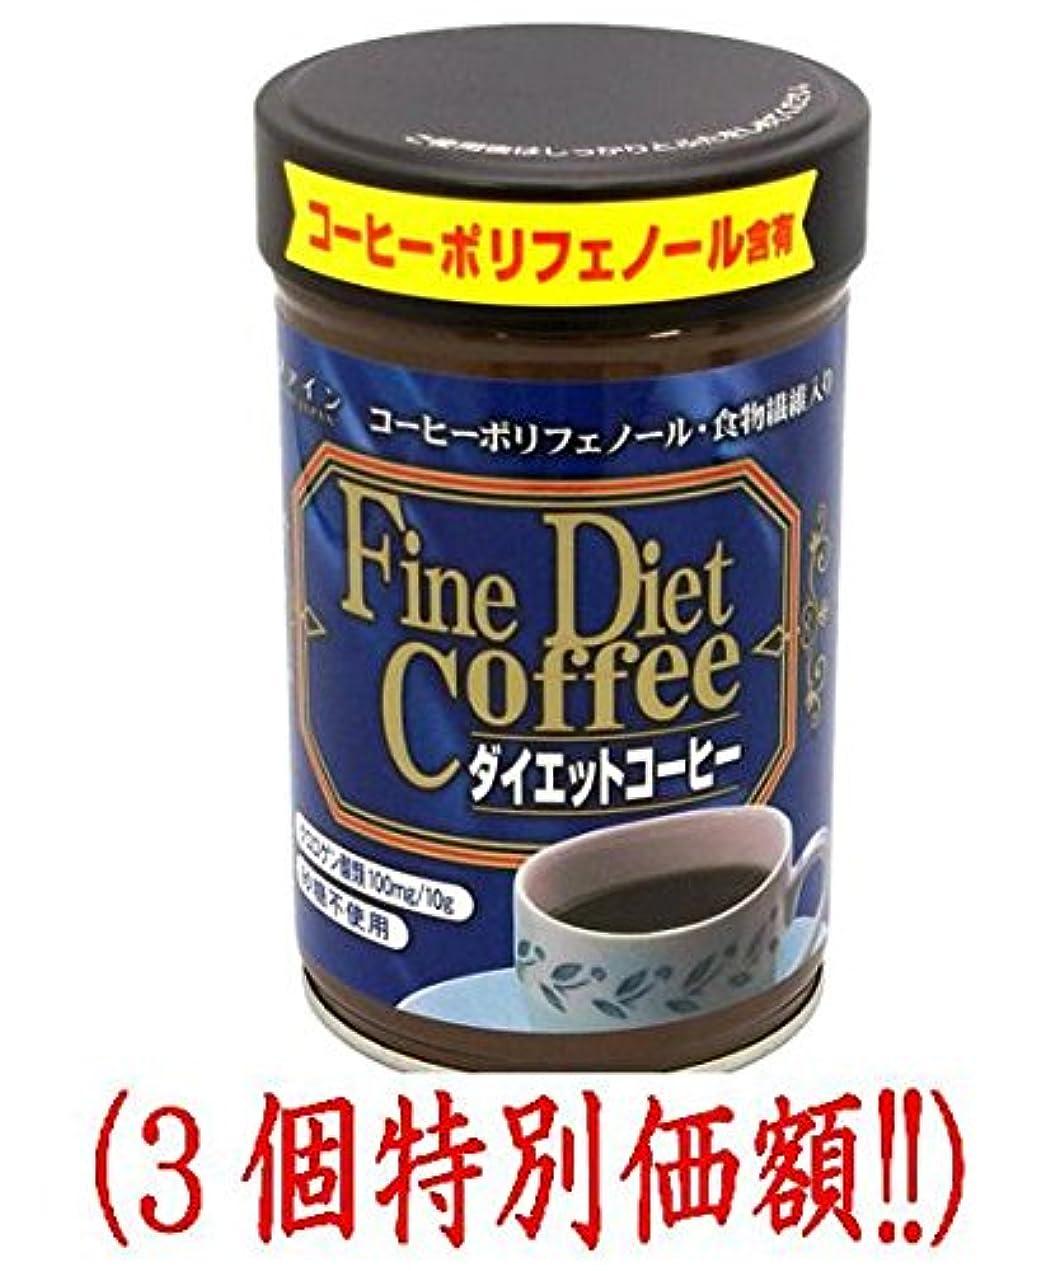 変更可能落ち込んでいる幸運ファイン ダイエットコーヒー【3本セット】